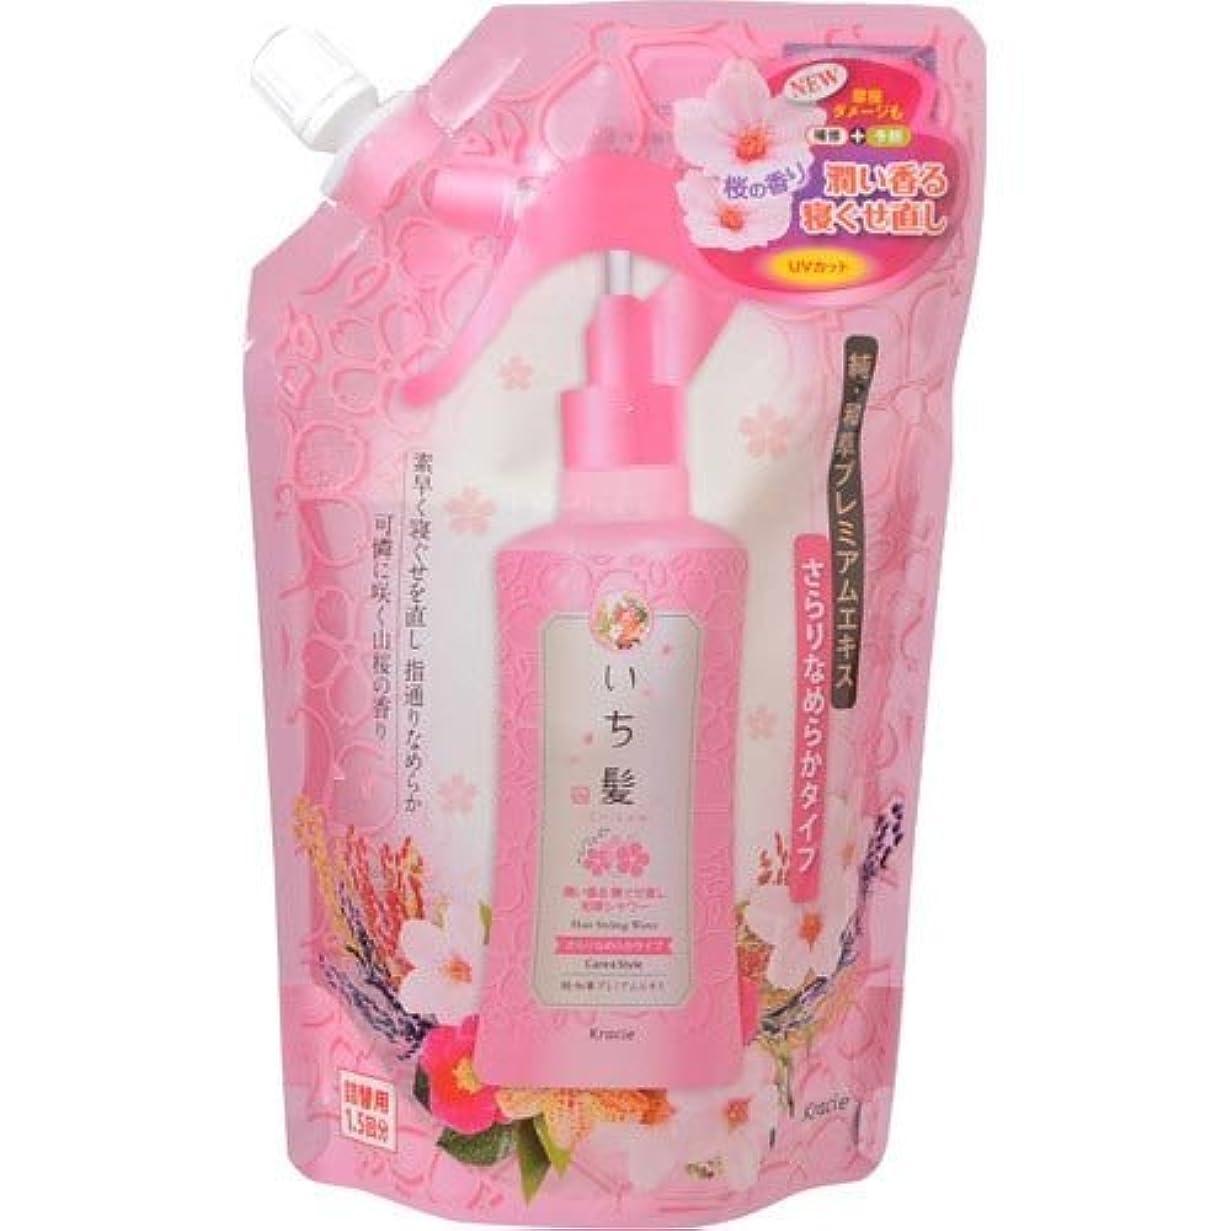 広告する最初は全滅させるいち髪 潤い香る寝ぐせ直し和草シャワー さらりなめらかタイプ 詰替用 375mL